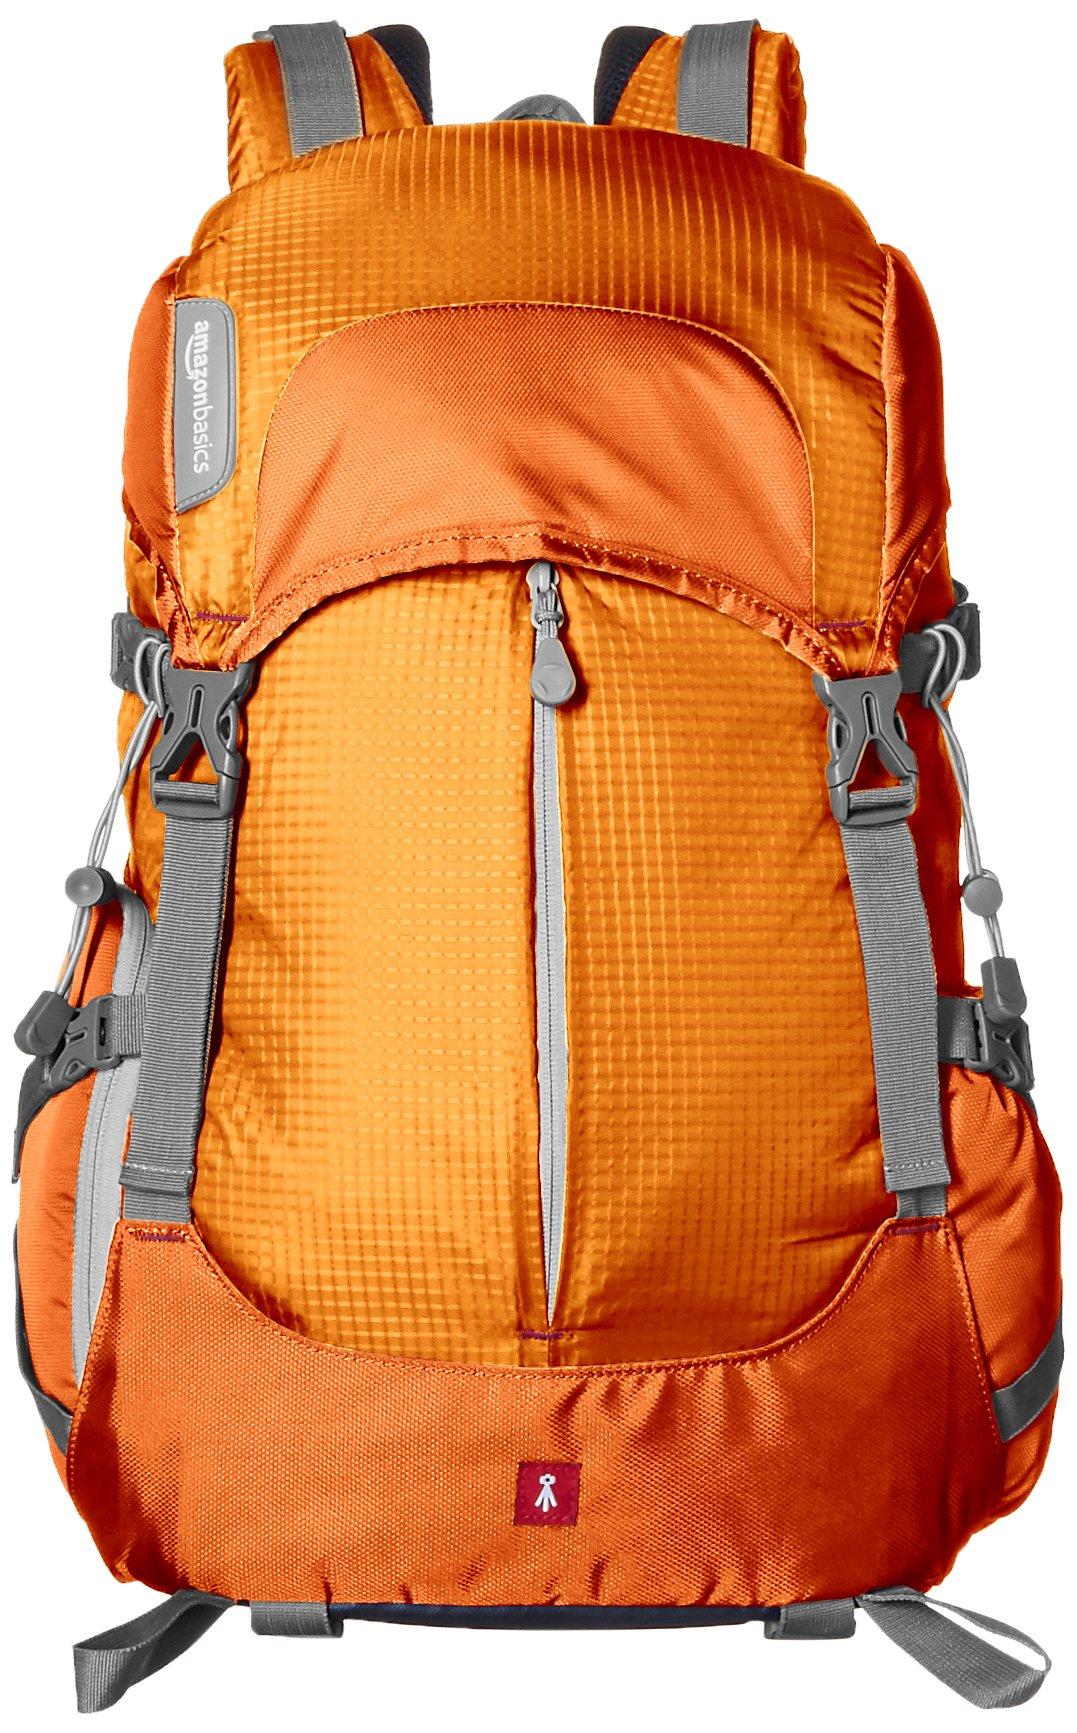 AmazonBasics Hiker Camera and Laptop Backpack - Orange